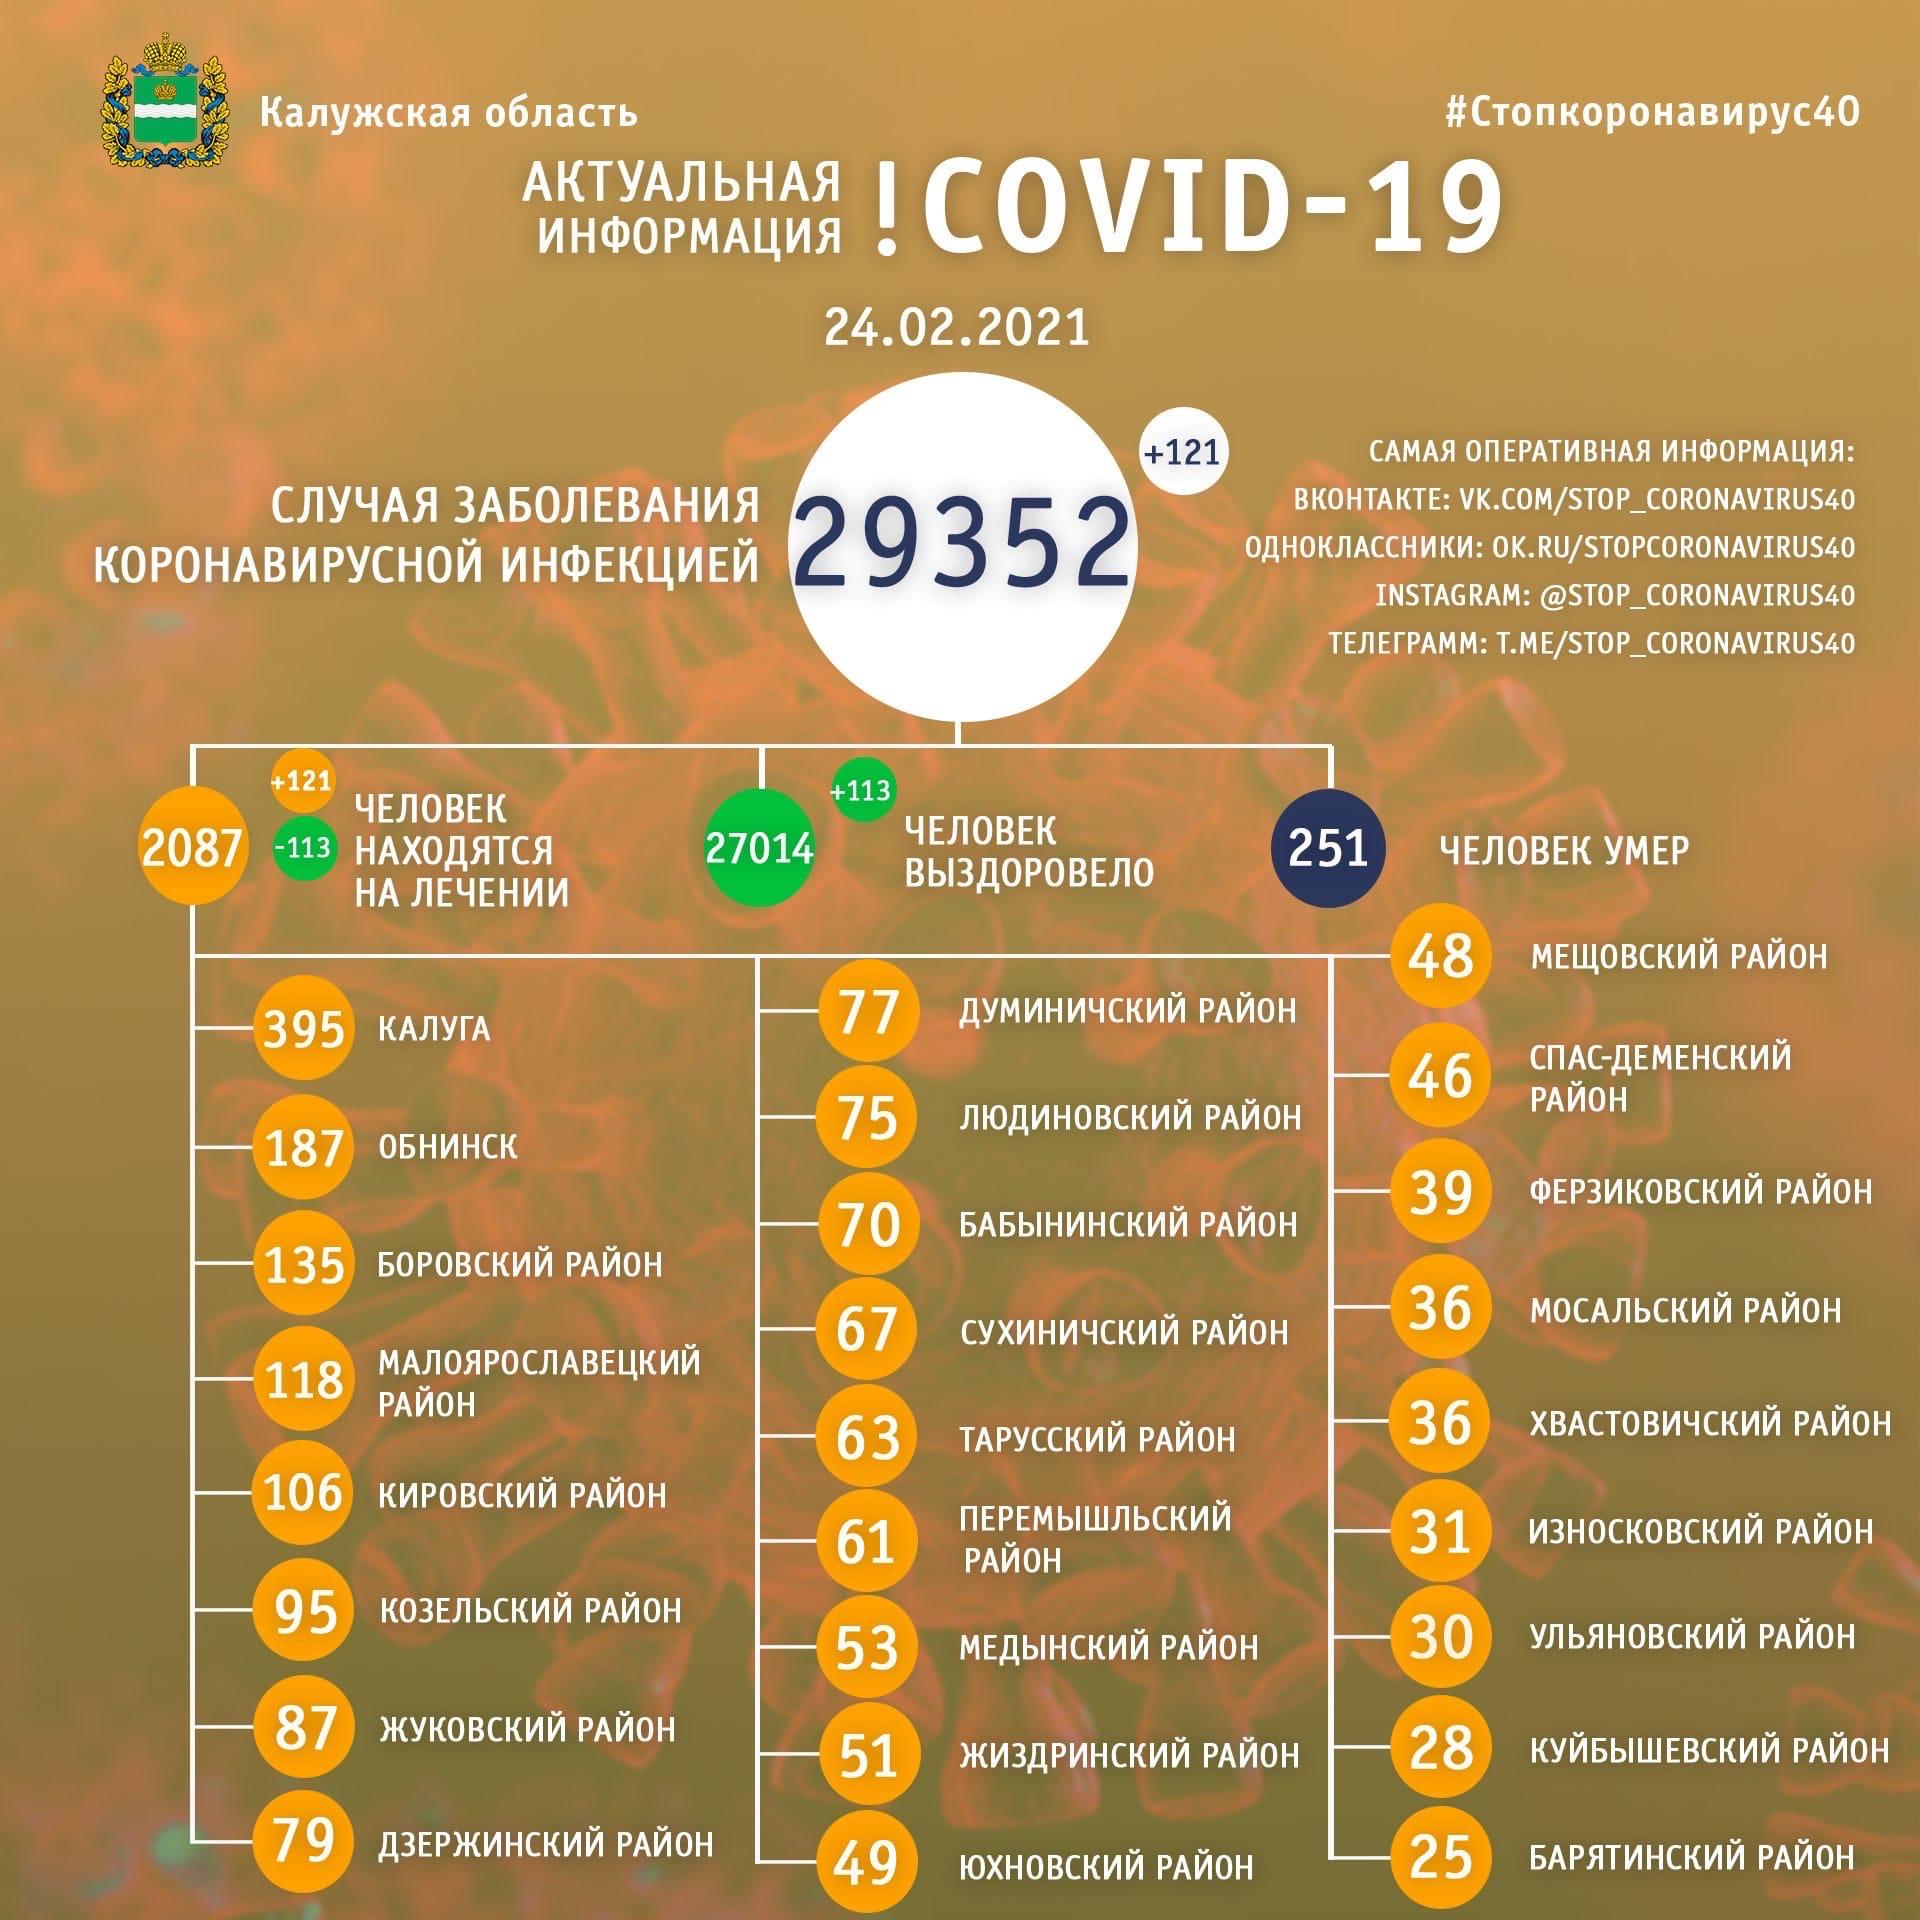 Официальная статистика по коронавирусу в Калужской области 24 февраля 2021 года.